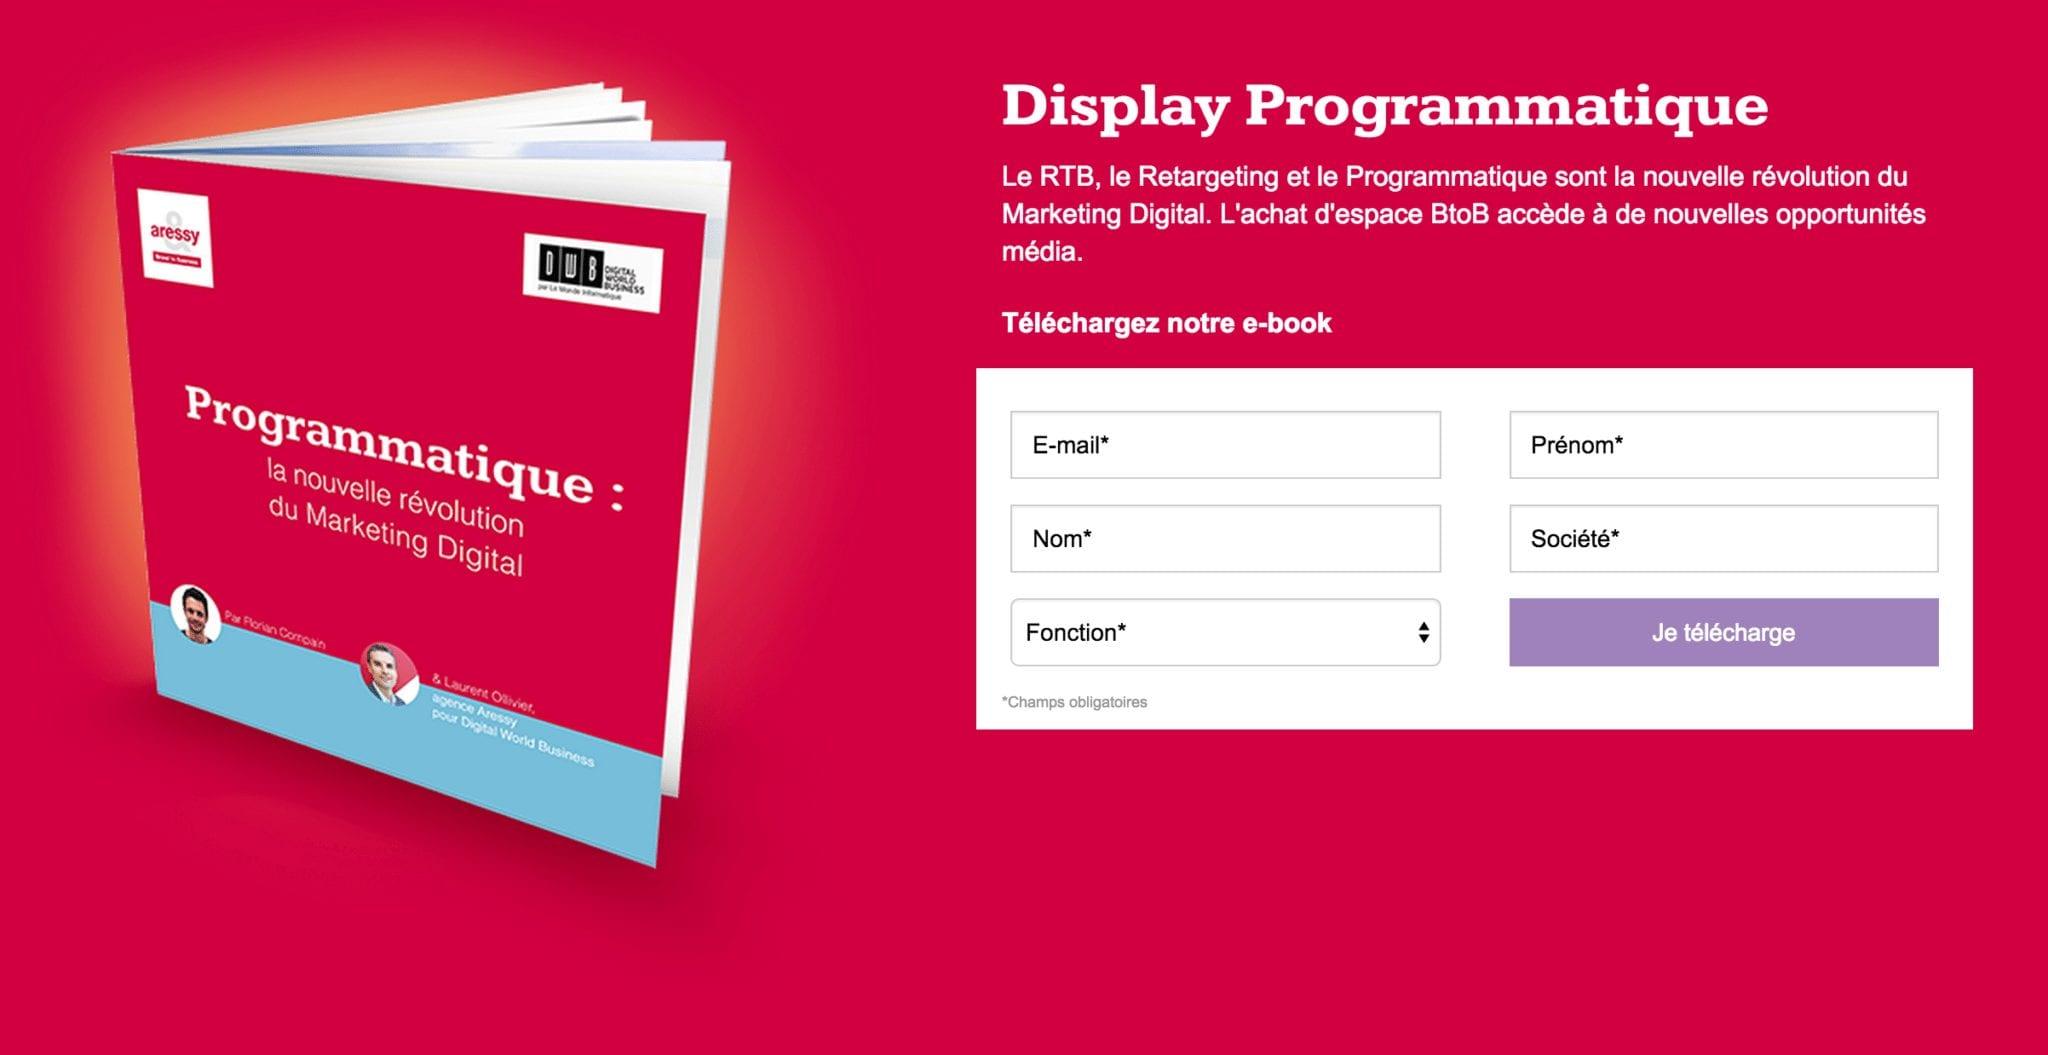 programmatique la nouvelle revolution digitale